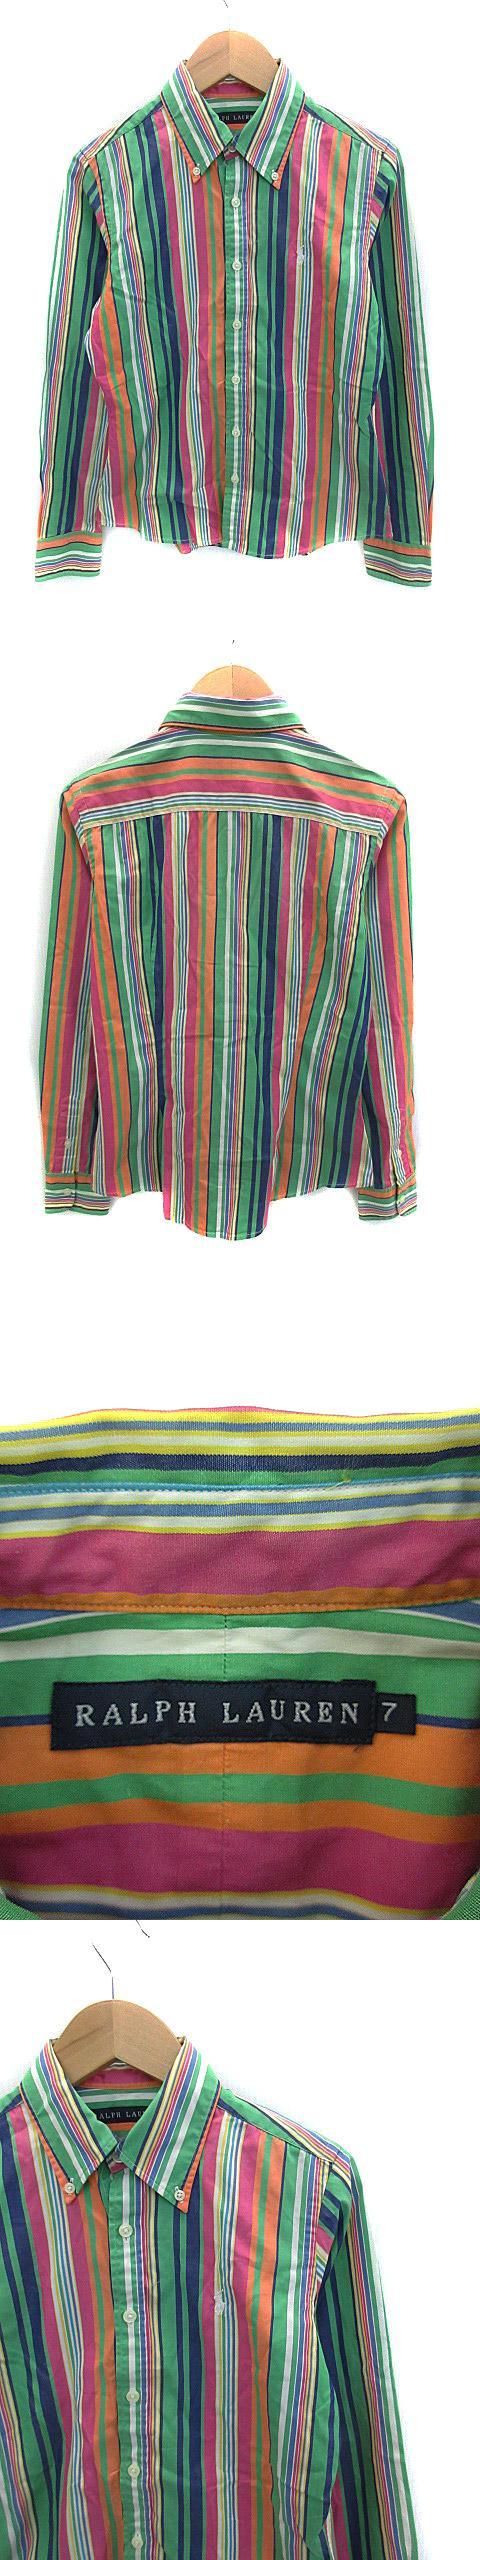 シャツ カジュアル ボタンダウン 長袖 ストライプ柄 マルチカラー ロゴ刺繍 7 緑 グリーン ピンク /NS55